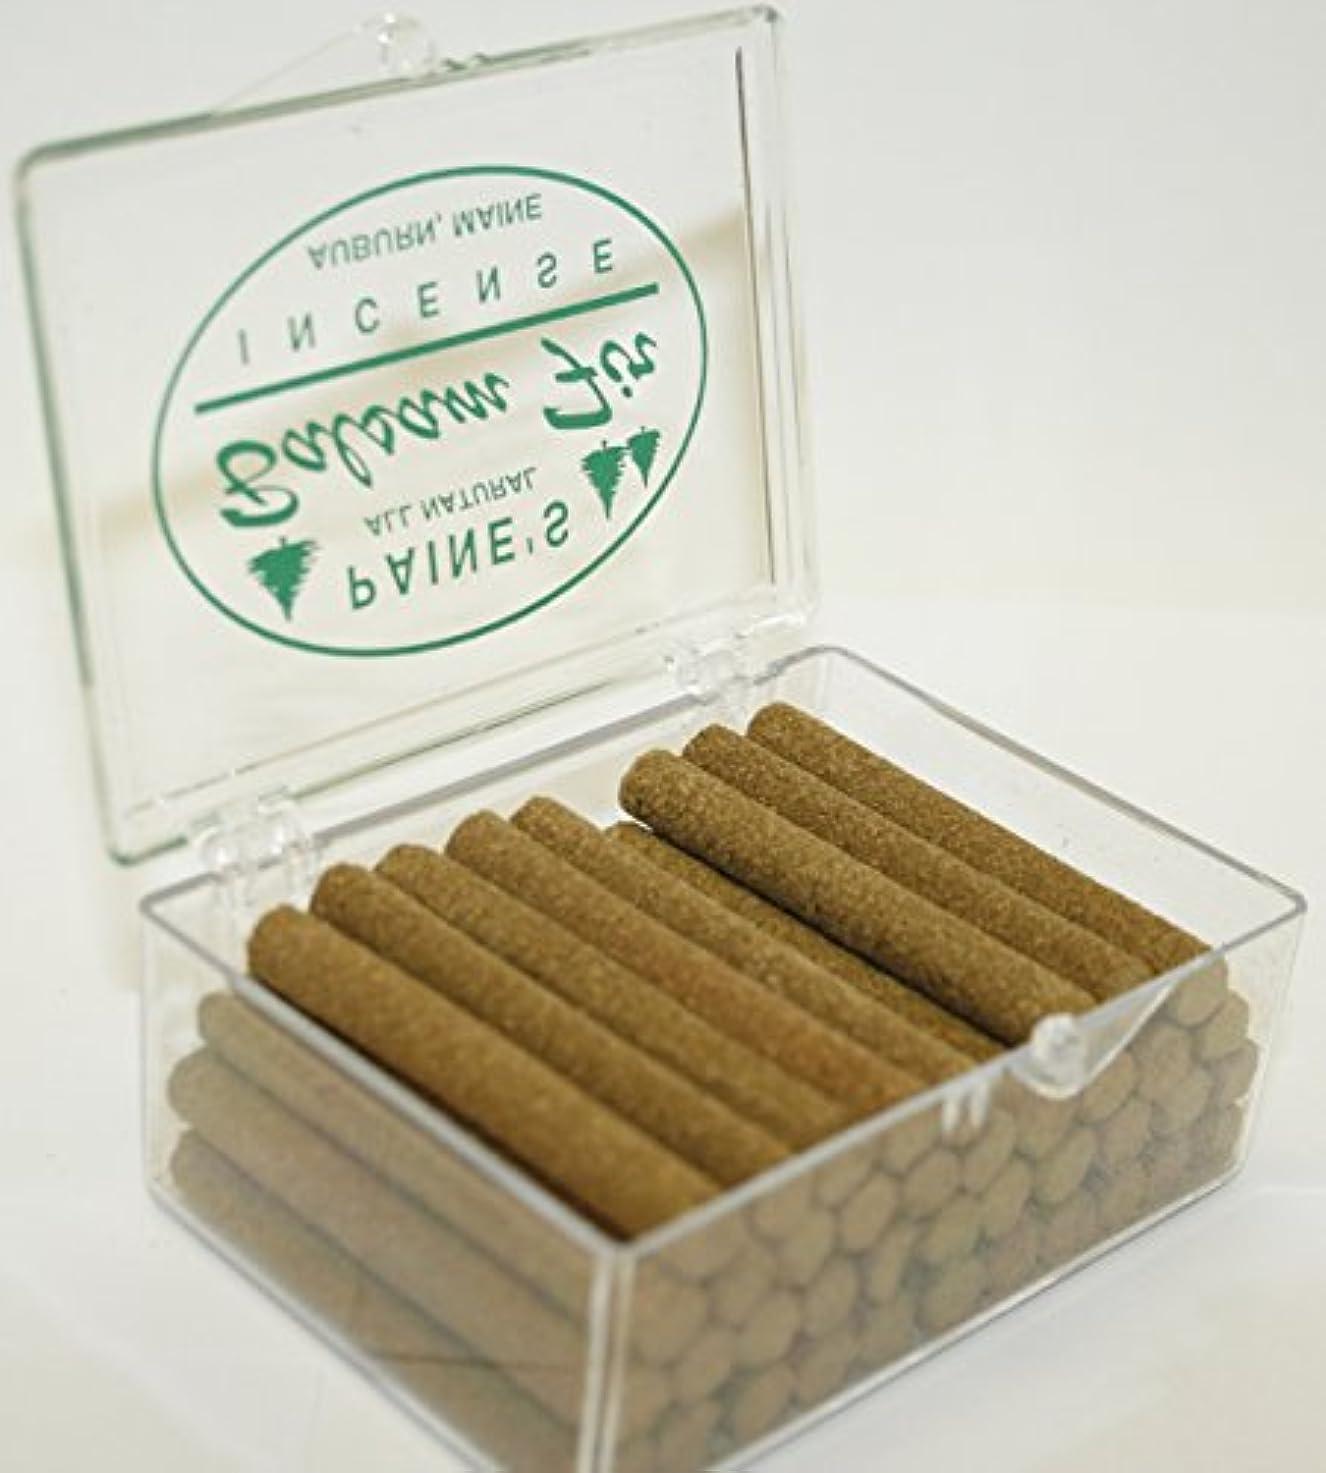 未満抜け目がない拍手お香リフィル40 Balsam Fir Sticks to BurnロッジスタイルSachet香りつきパインログ